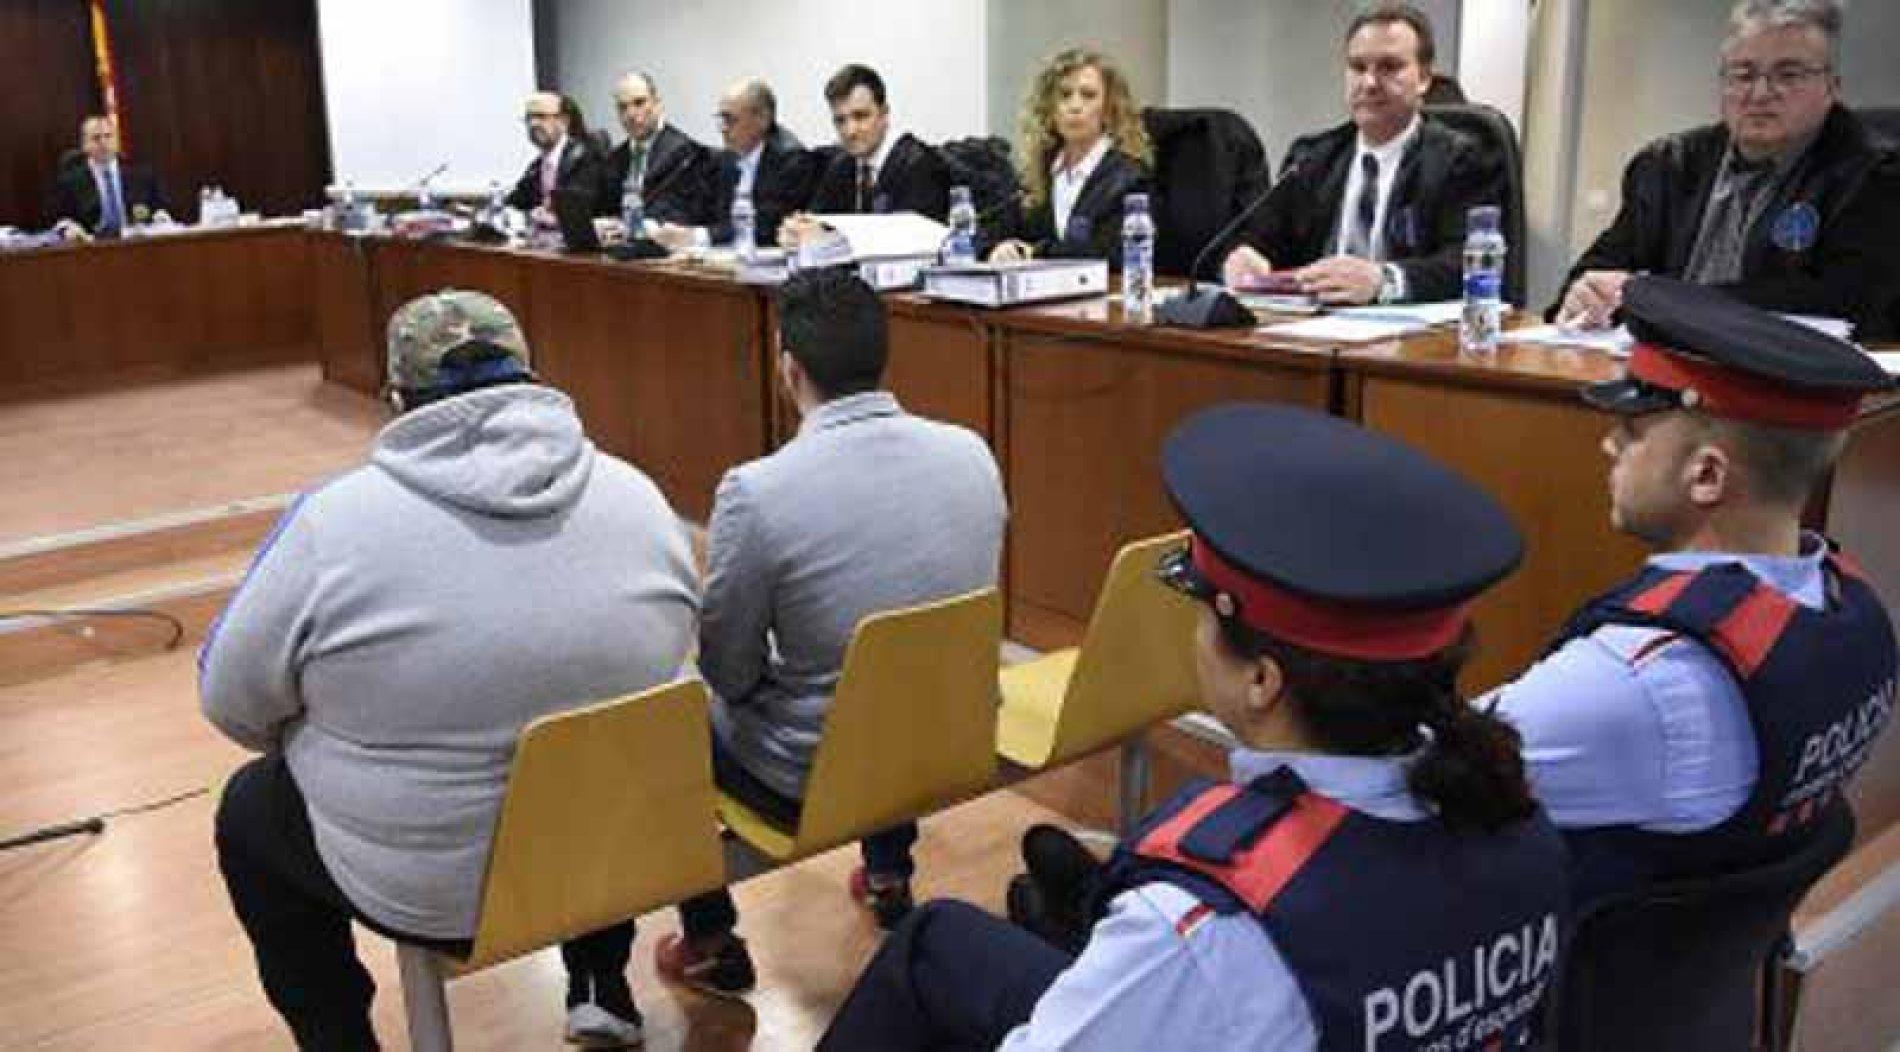 Condenan a 45 años de prisión al asesino de los 2 agentes rurales en Aspa